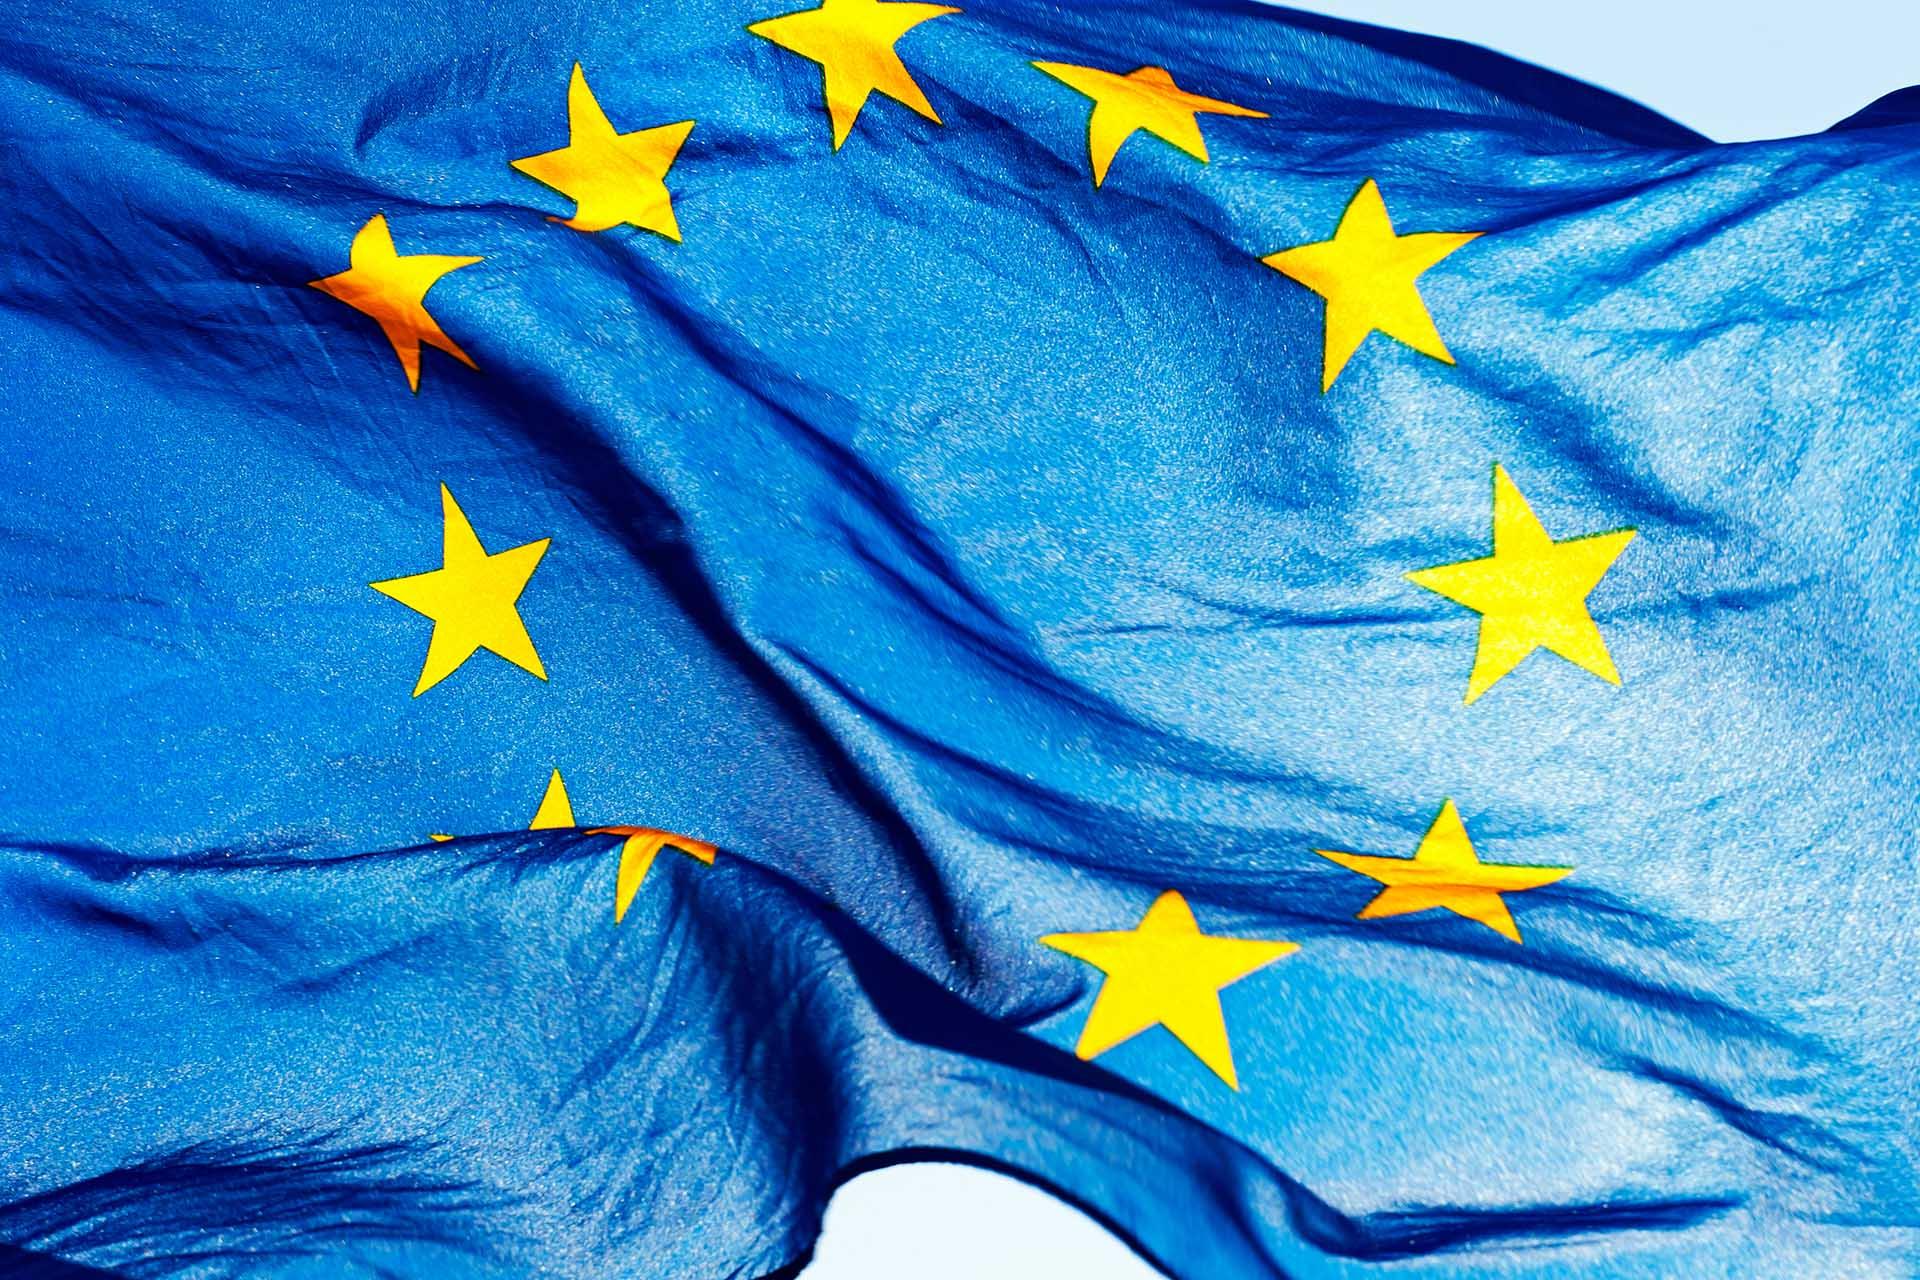 Wytyczne Komisji Europejskiej w sprawie udzielania zamówień publicznych w kontekście COVID-19